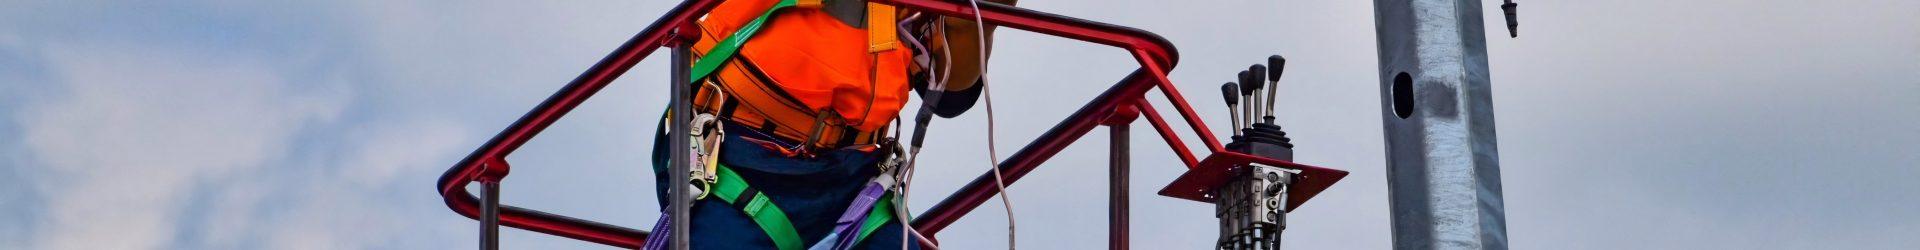 ¿Qué es un plan de mantenimiento industrial?